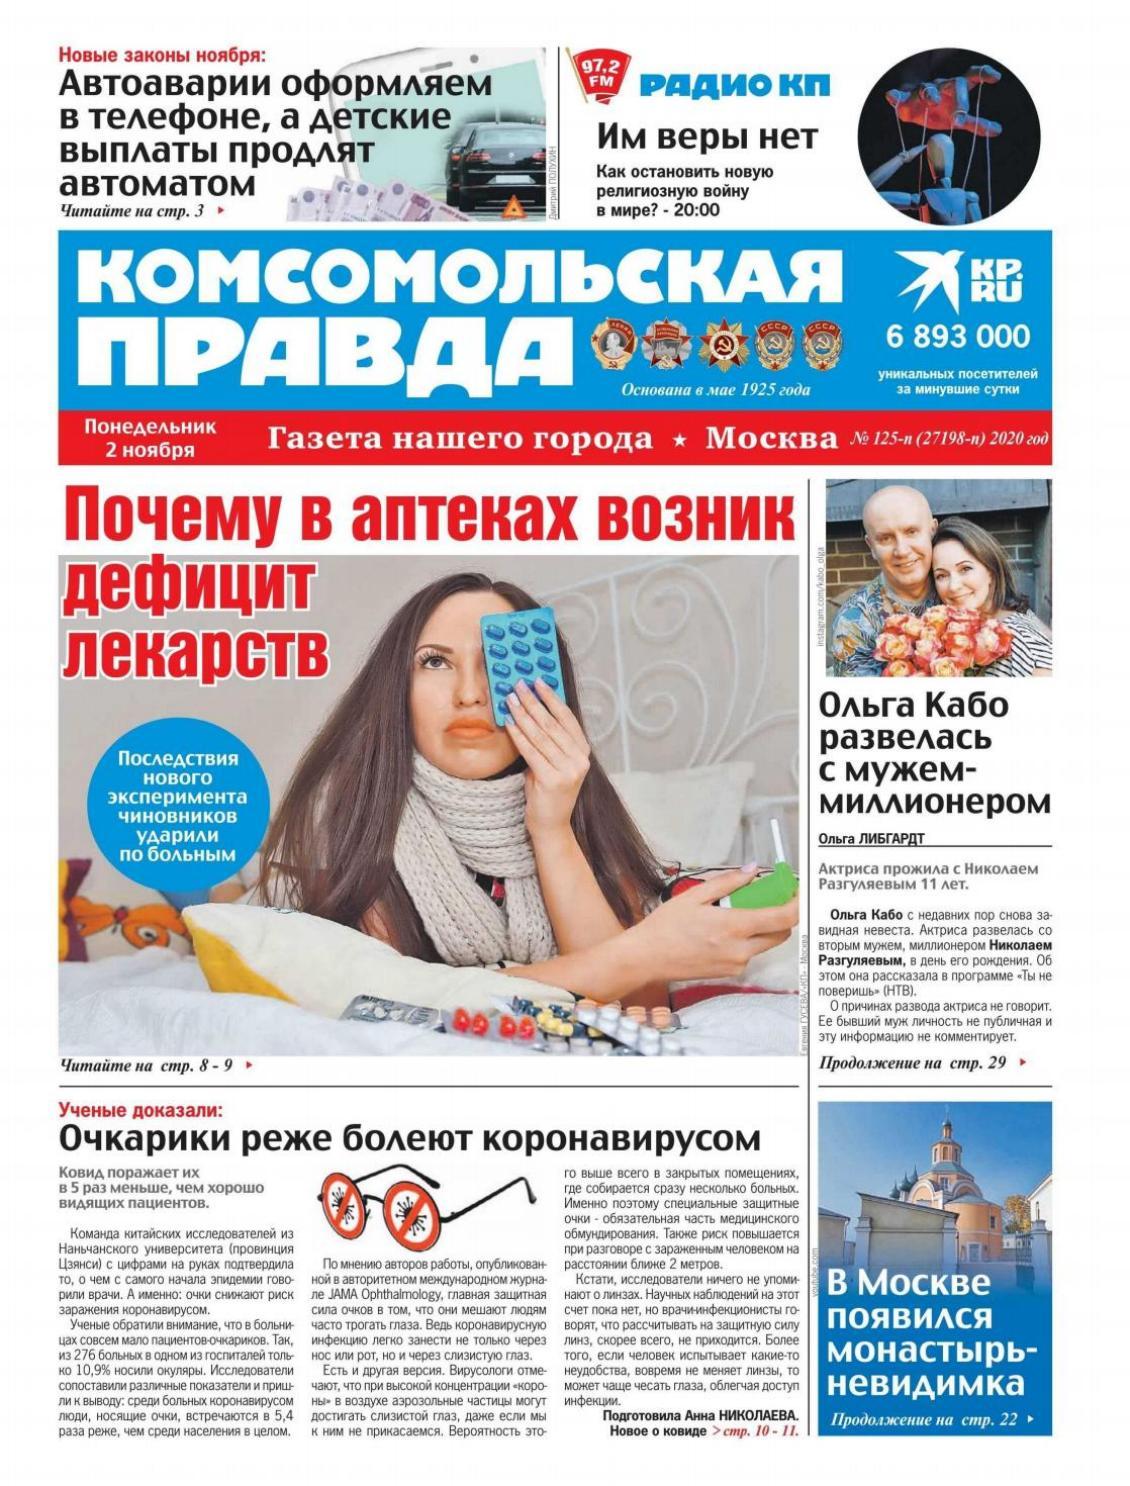 Комсомольская правда. Москва №125-п, ноябрь 2020